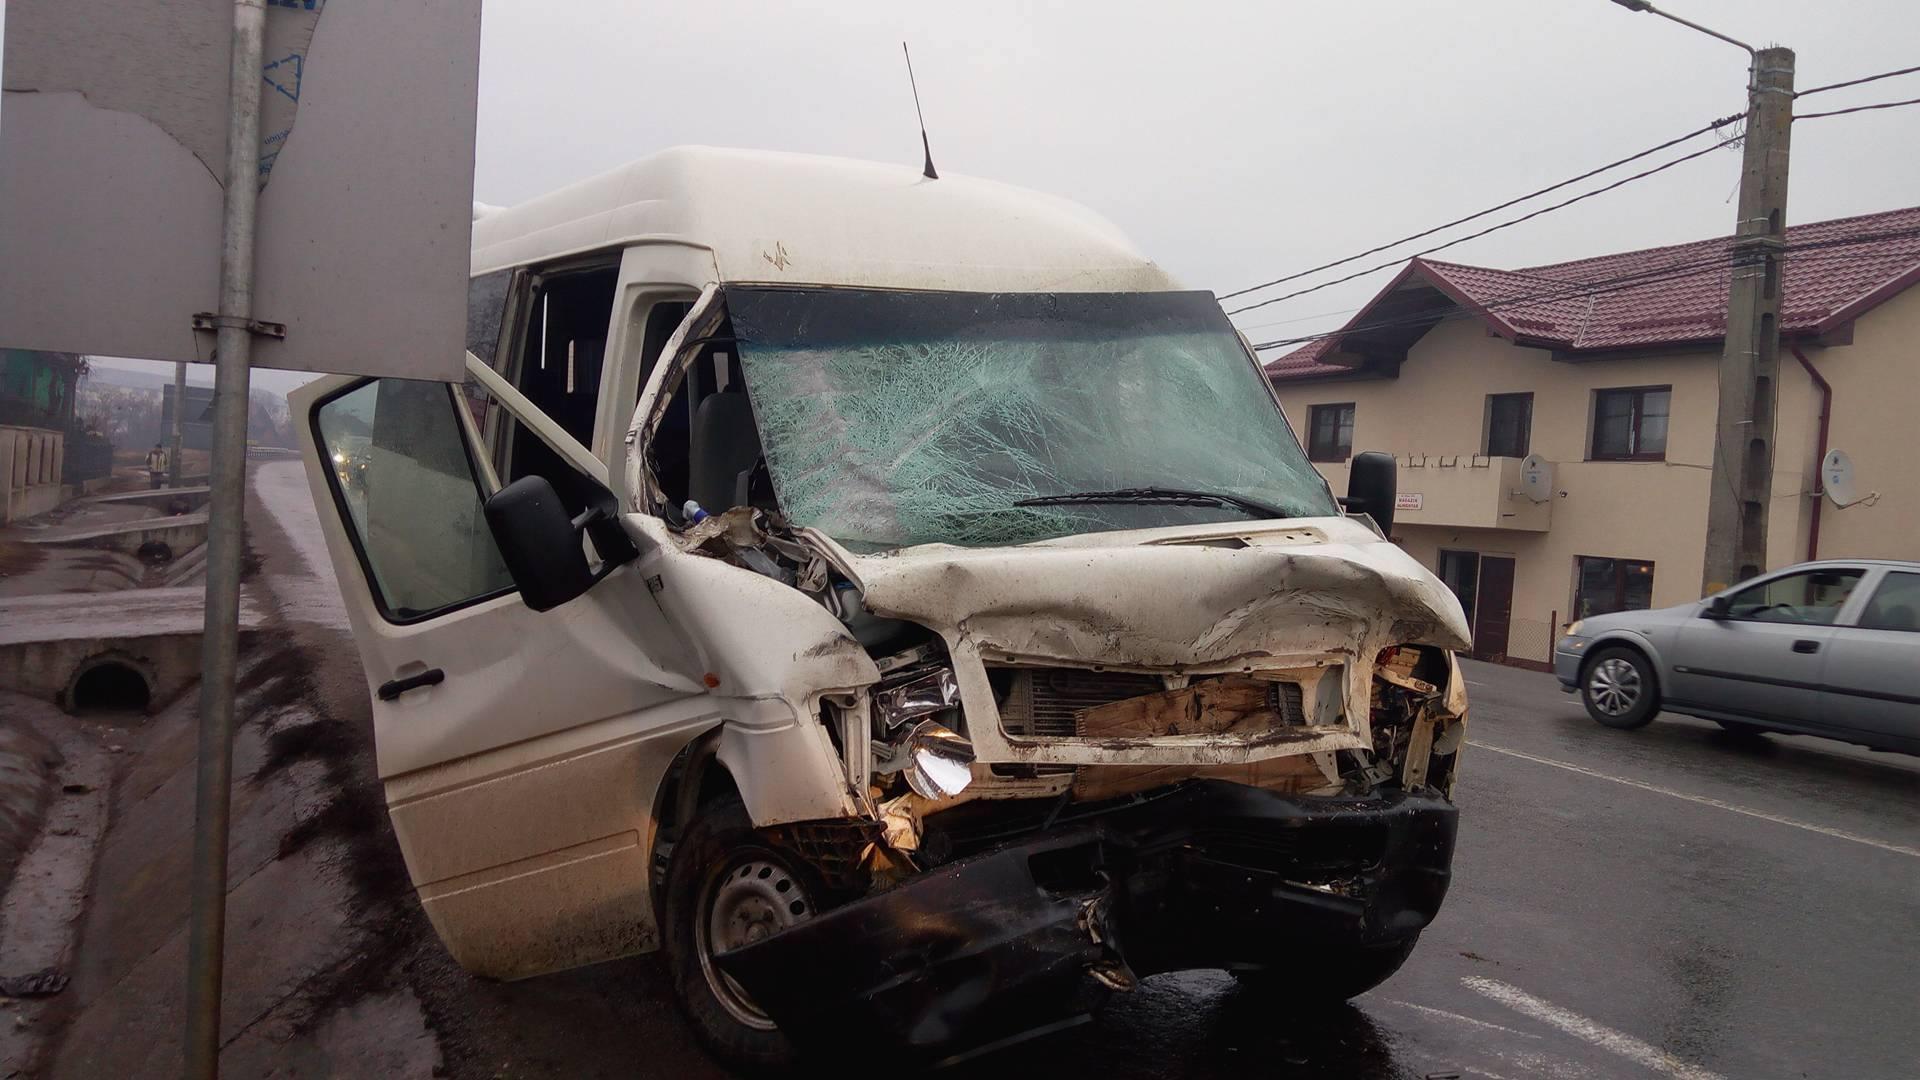 Alba: Şase persoane la spital după o coliziune între un autoturism şi un microbuz plin cu muncitori